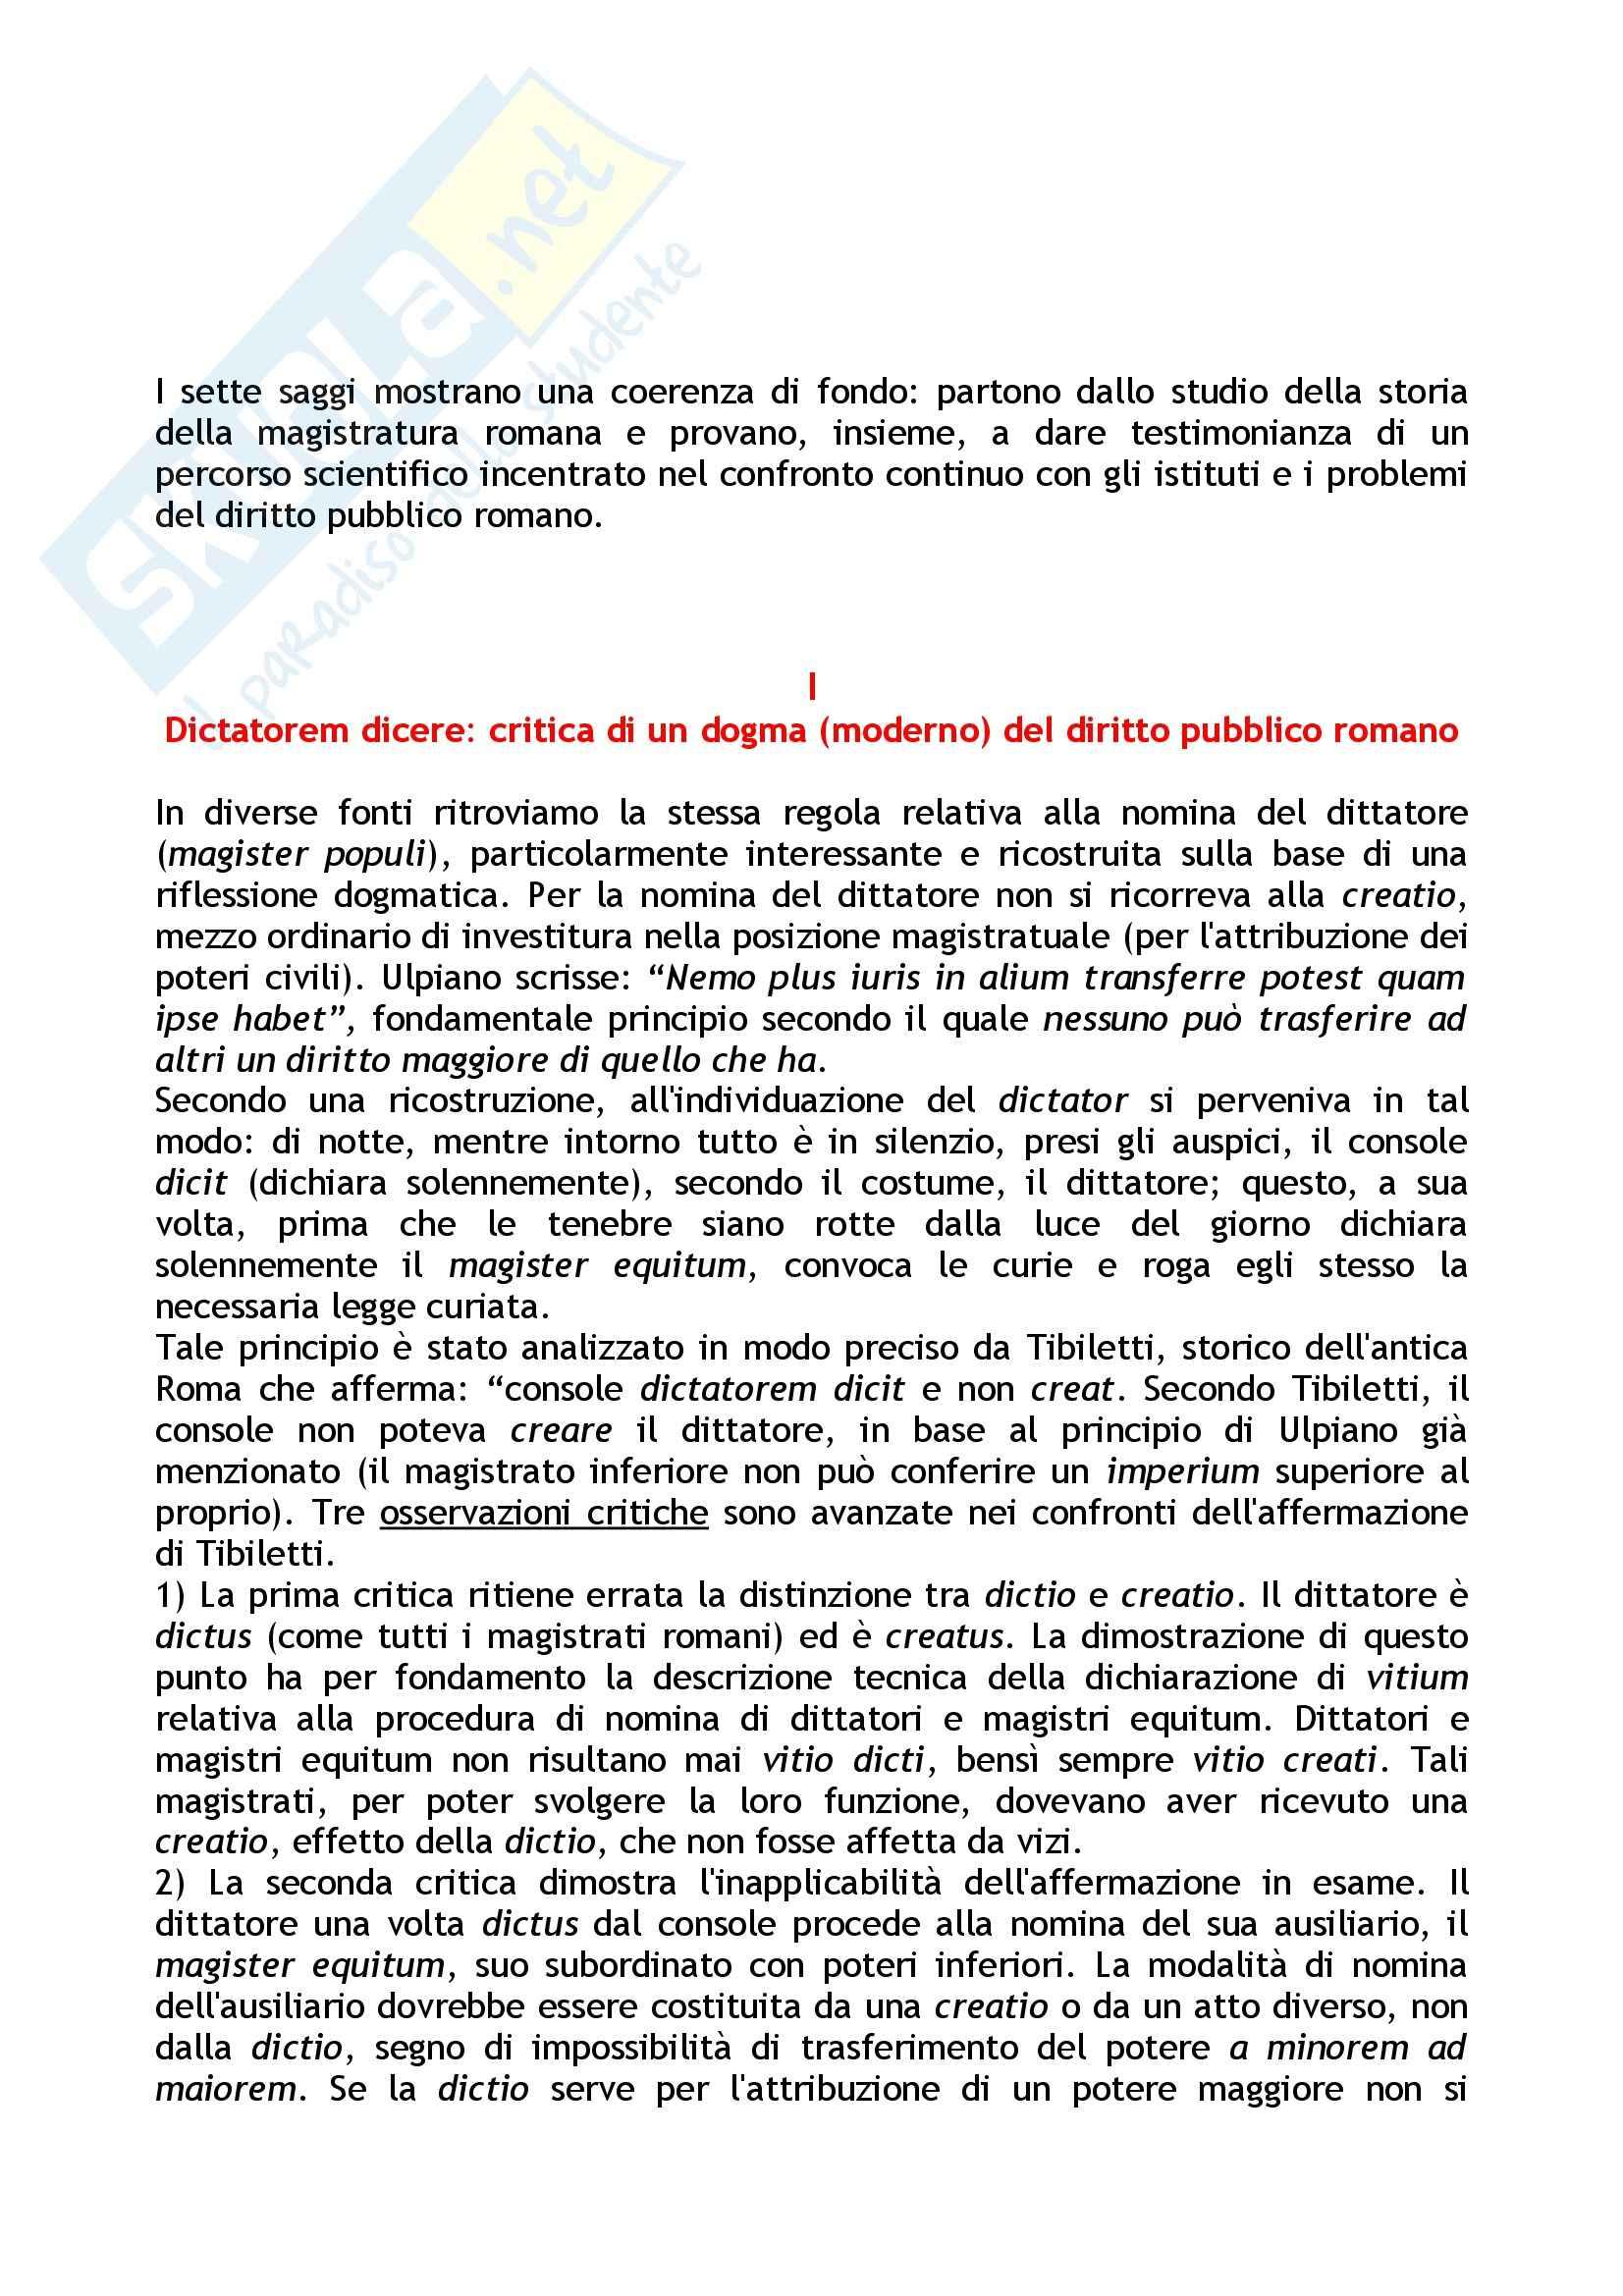 Riassunto esame Storia della costituzione romana, prof. Cascione, libro consigliato Studi di diritto pubblico romano, Cascione